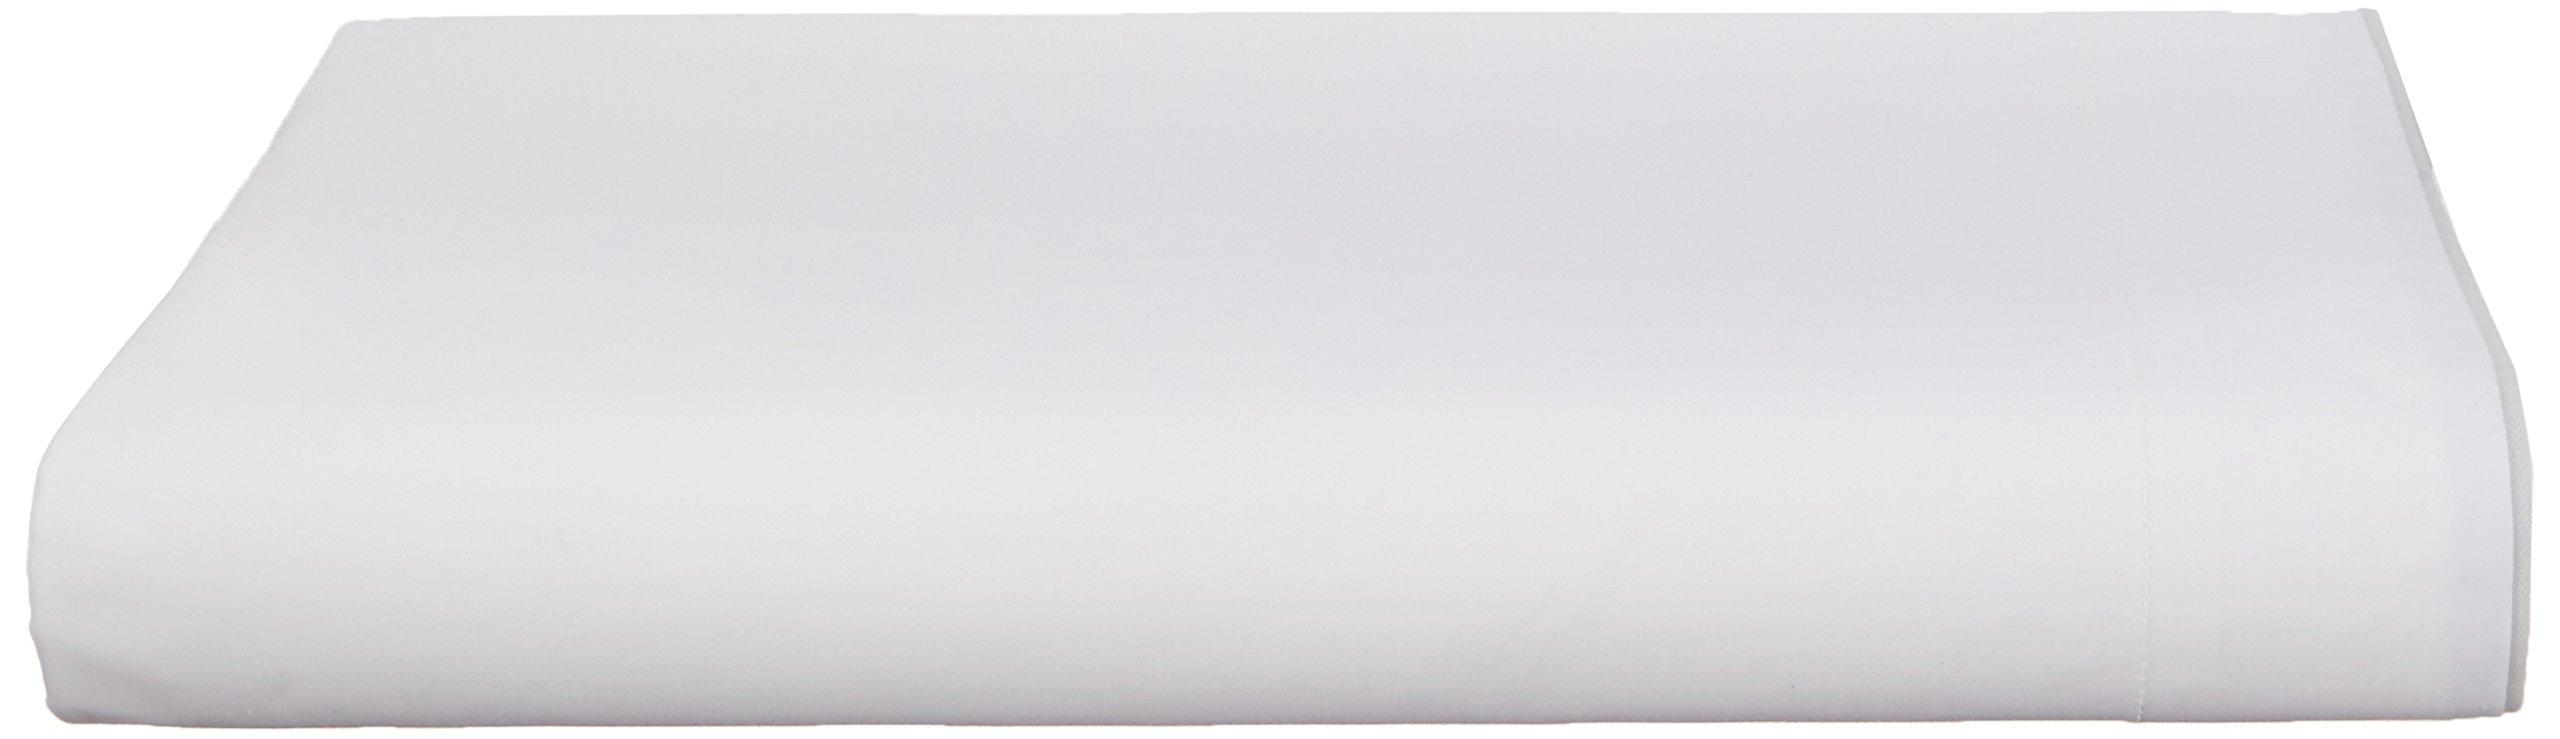 Calvin Klein Home Series 01 Flat Sheet, King, Grey